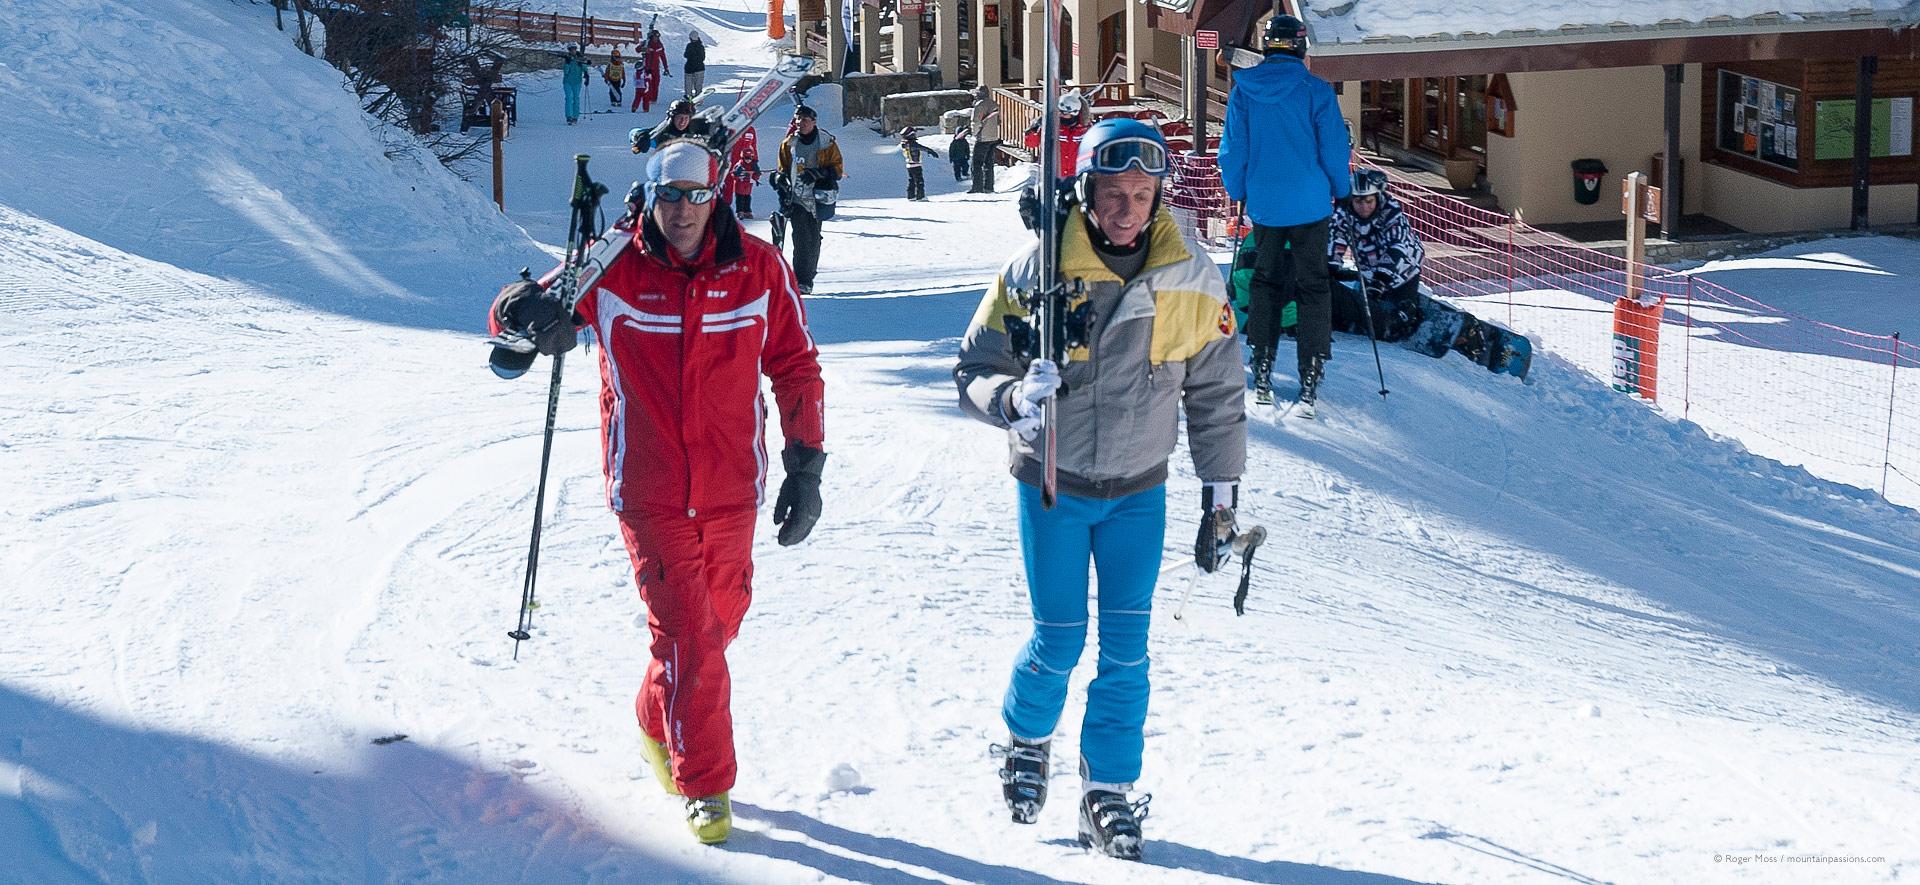 Skier with instructor walking through village